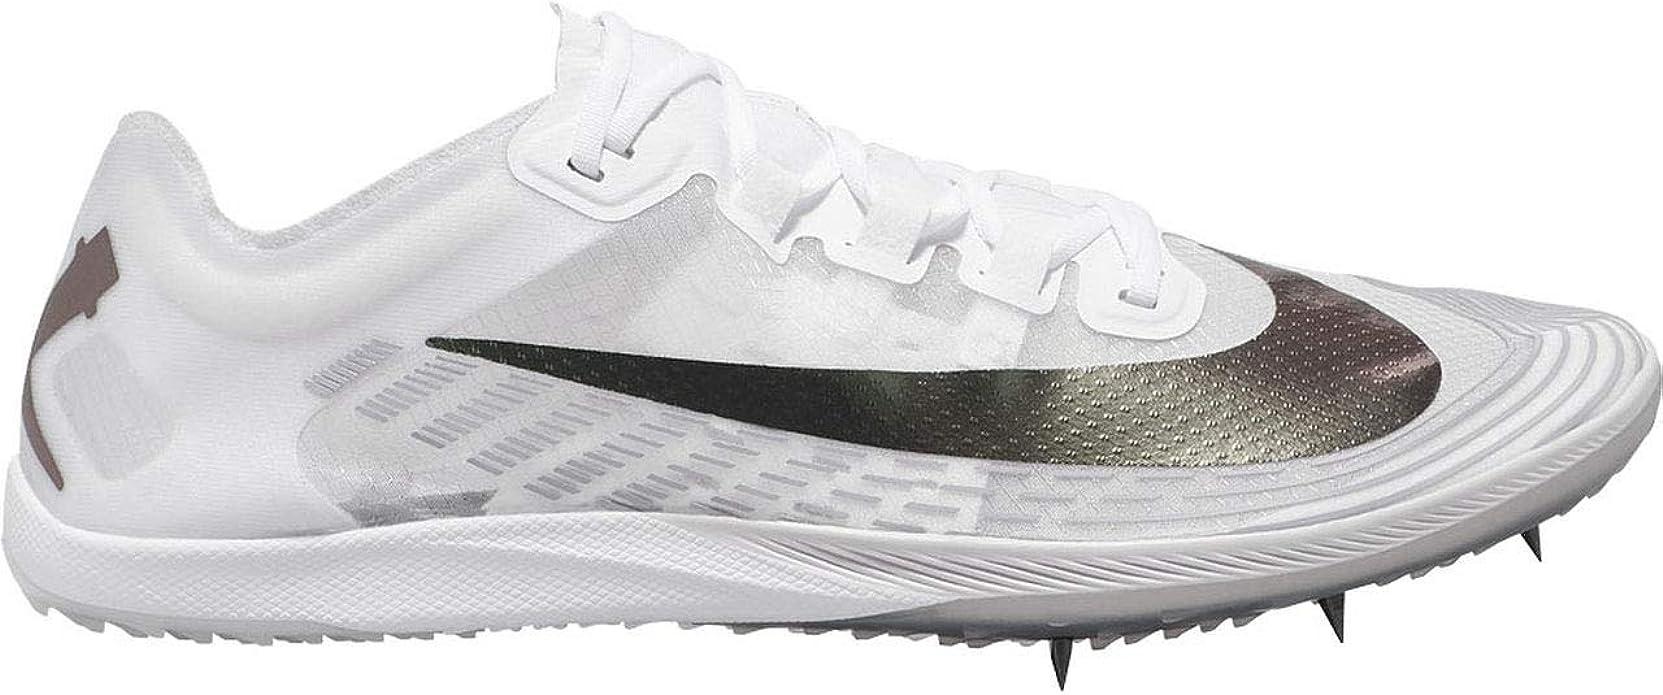 NIKE Wmns Zoom Rival XC, Zapatillas de Trail Running para Mujer: Amazon.es: Zapatos y complementos